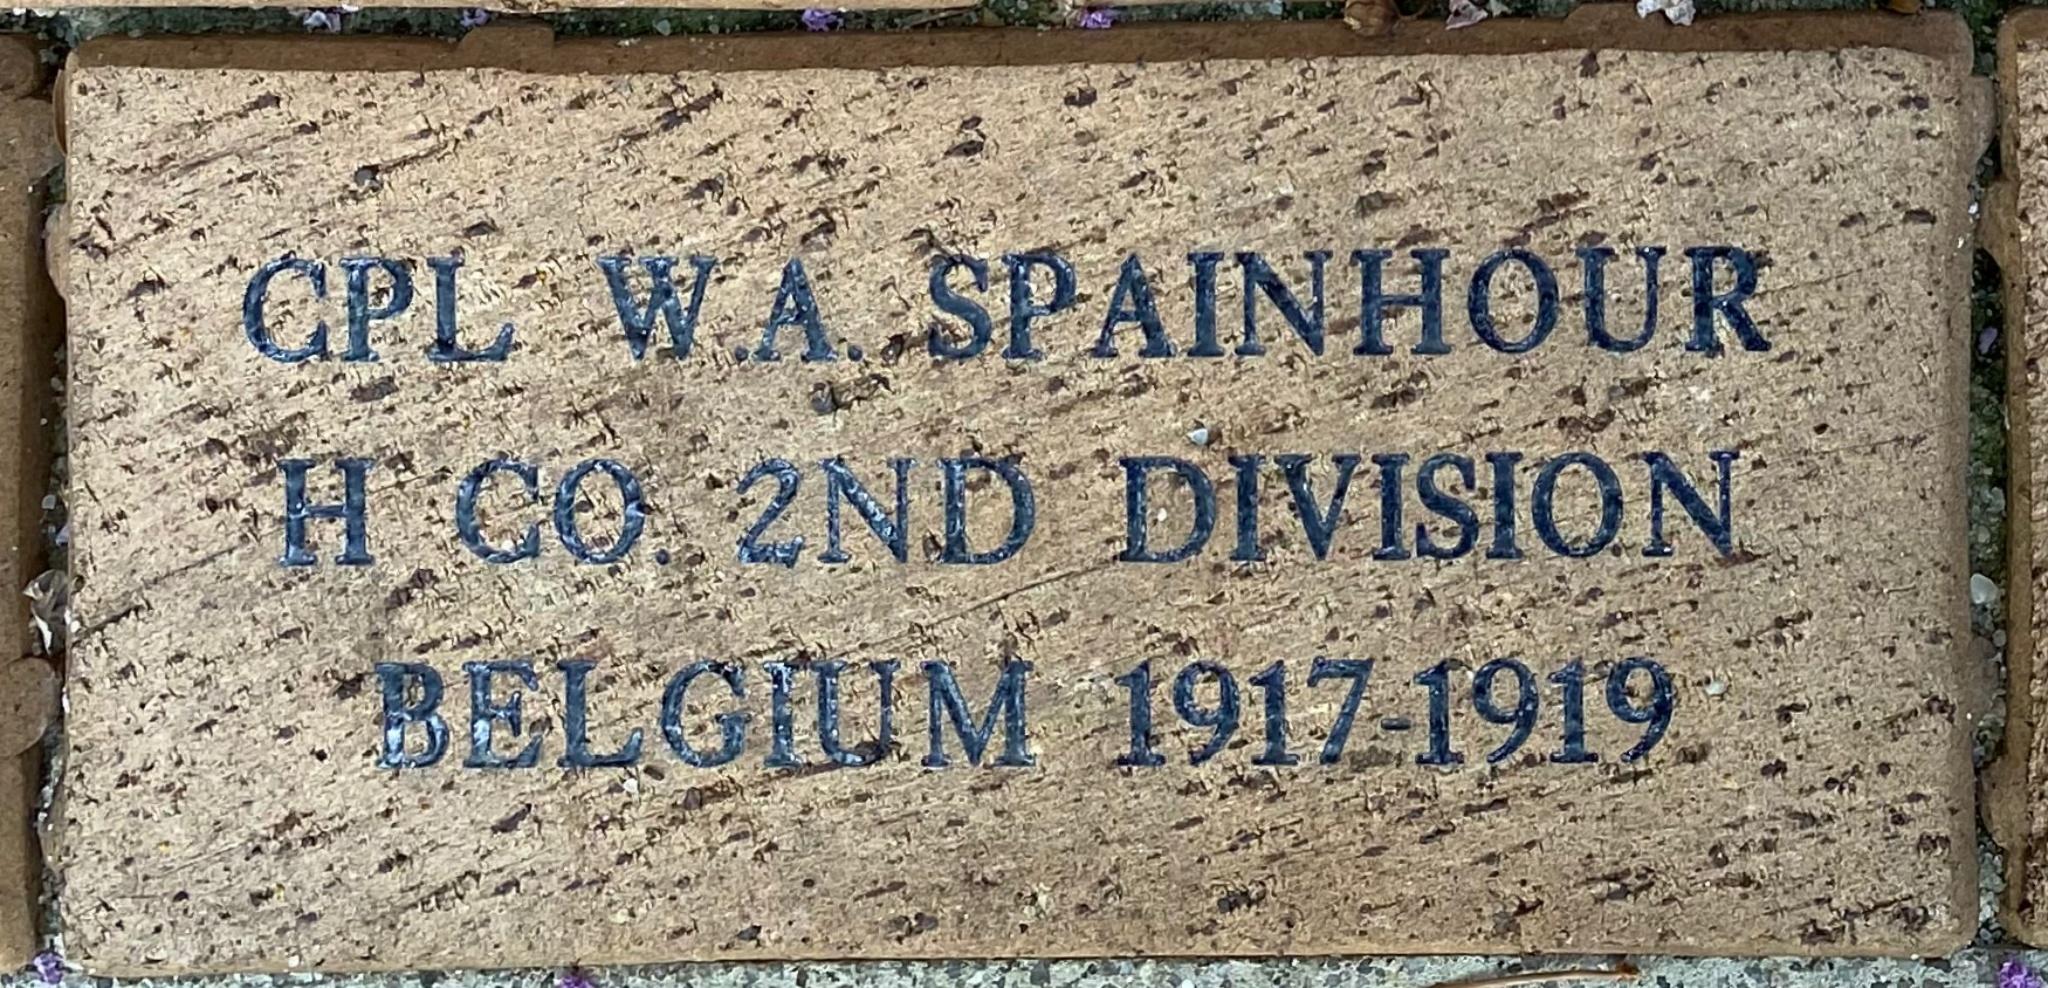 CPL. W.A. SPAINHOUR H CO. 2ND DIVISION BELGIUM 1917-1919